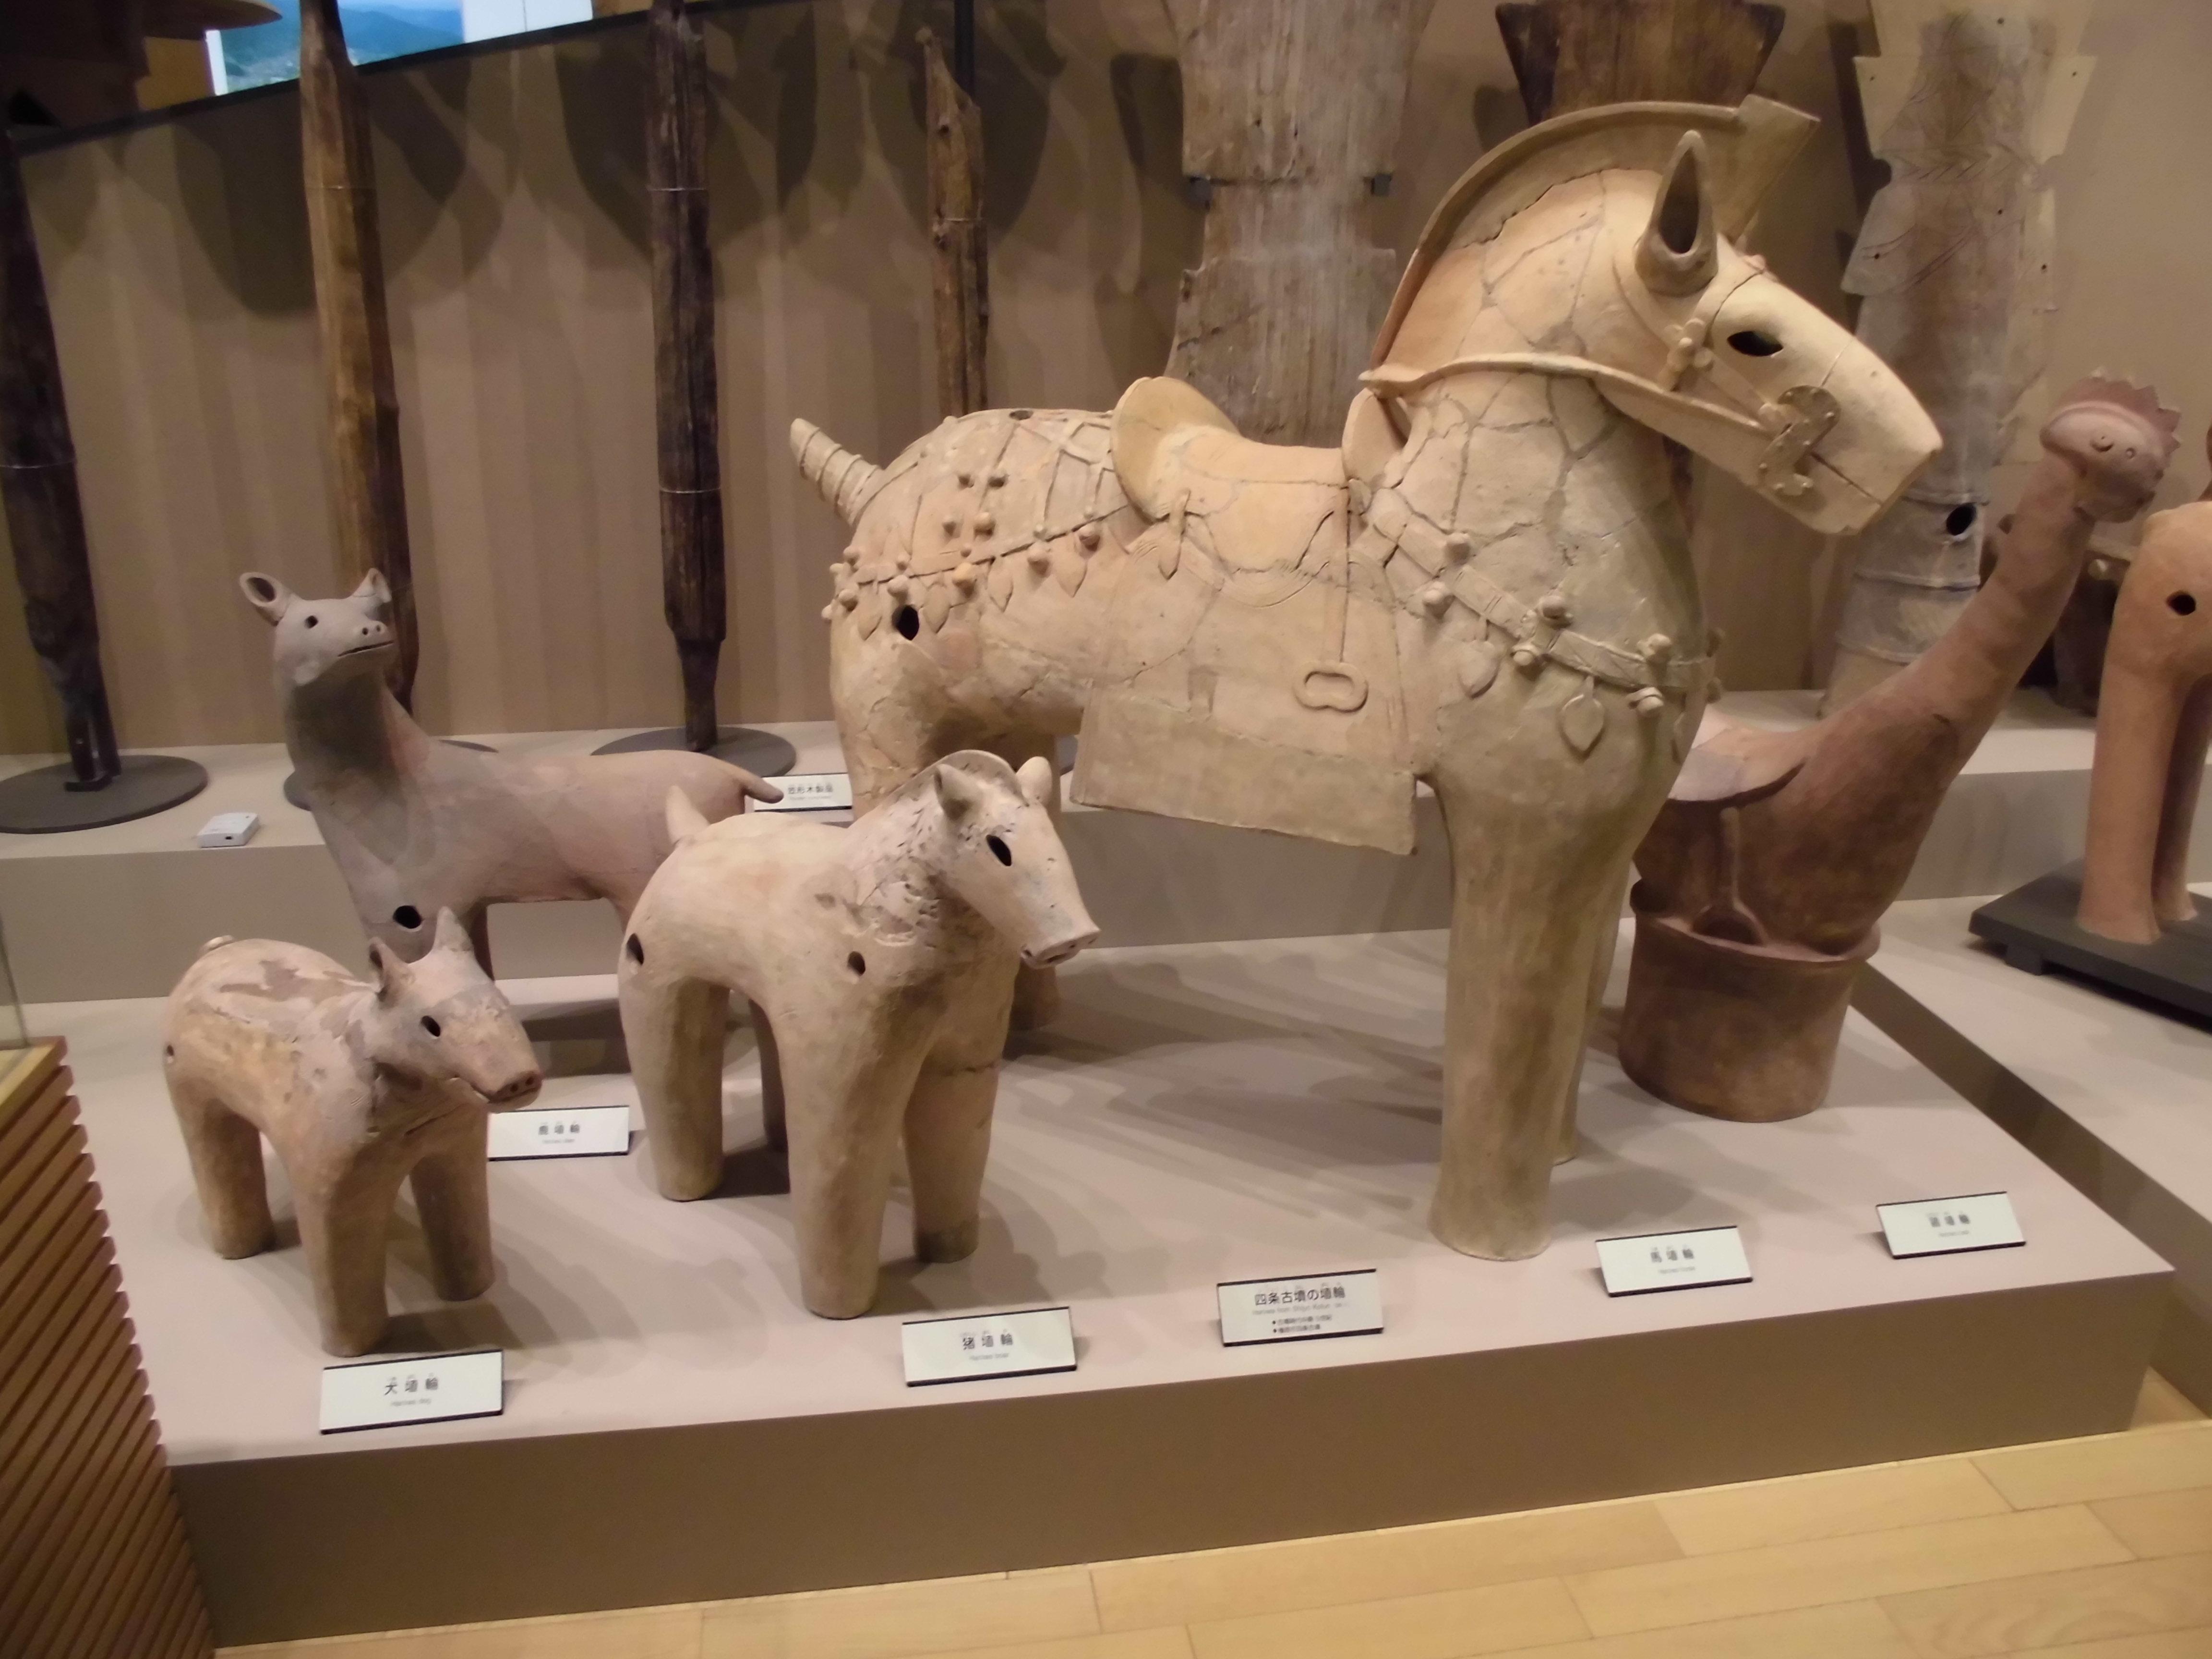 大きな埴輪を見に行こう!!【奈良県立橿原考古学研究所付属博物館に行ってきました by-VEGETAPSY】